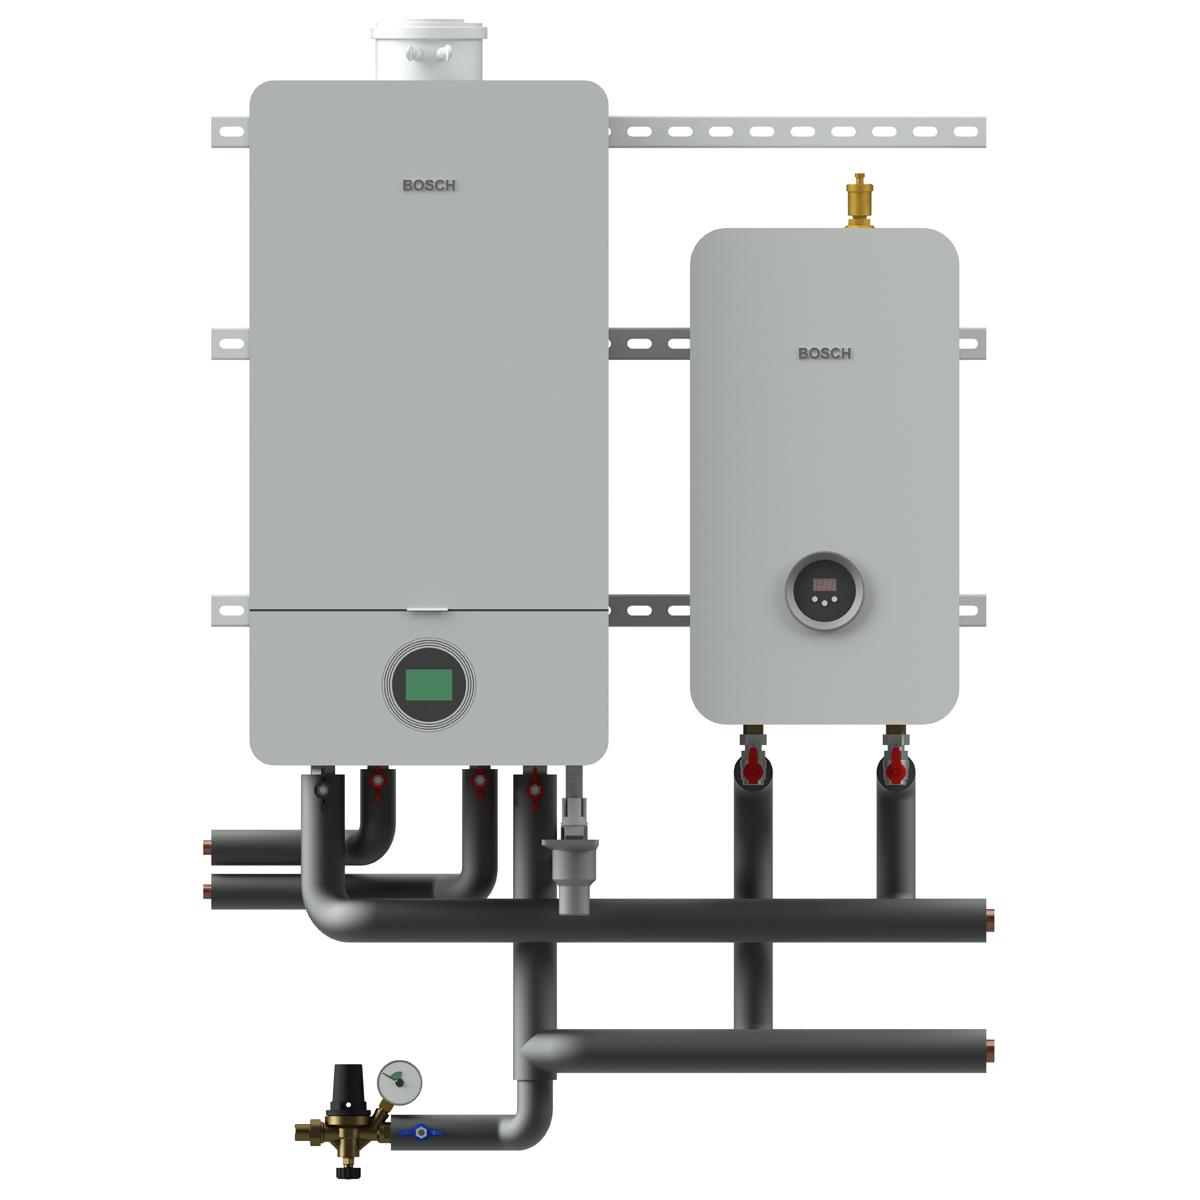 Комбінована котельня MAGMAmodule® Block A - гаряча вода за допомогою газового котла